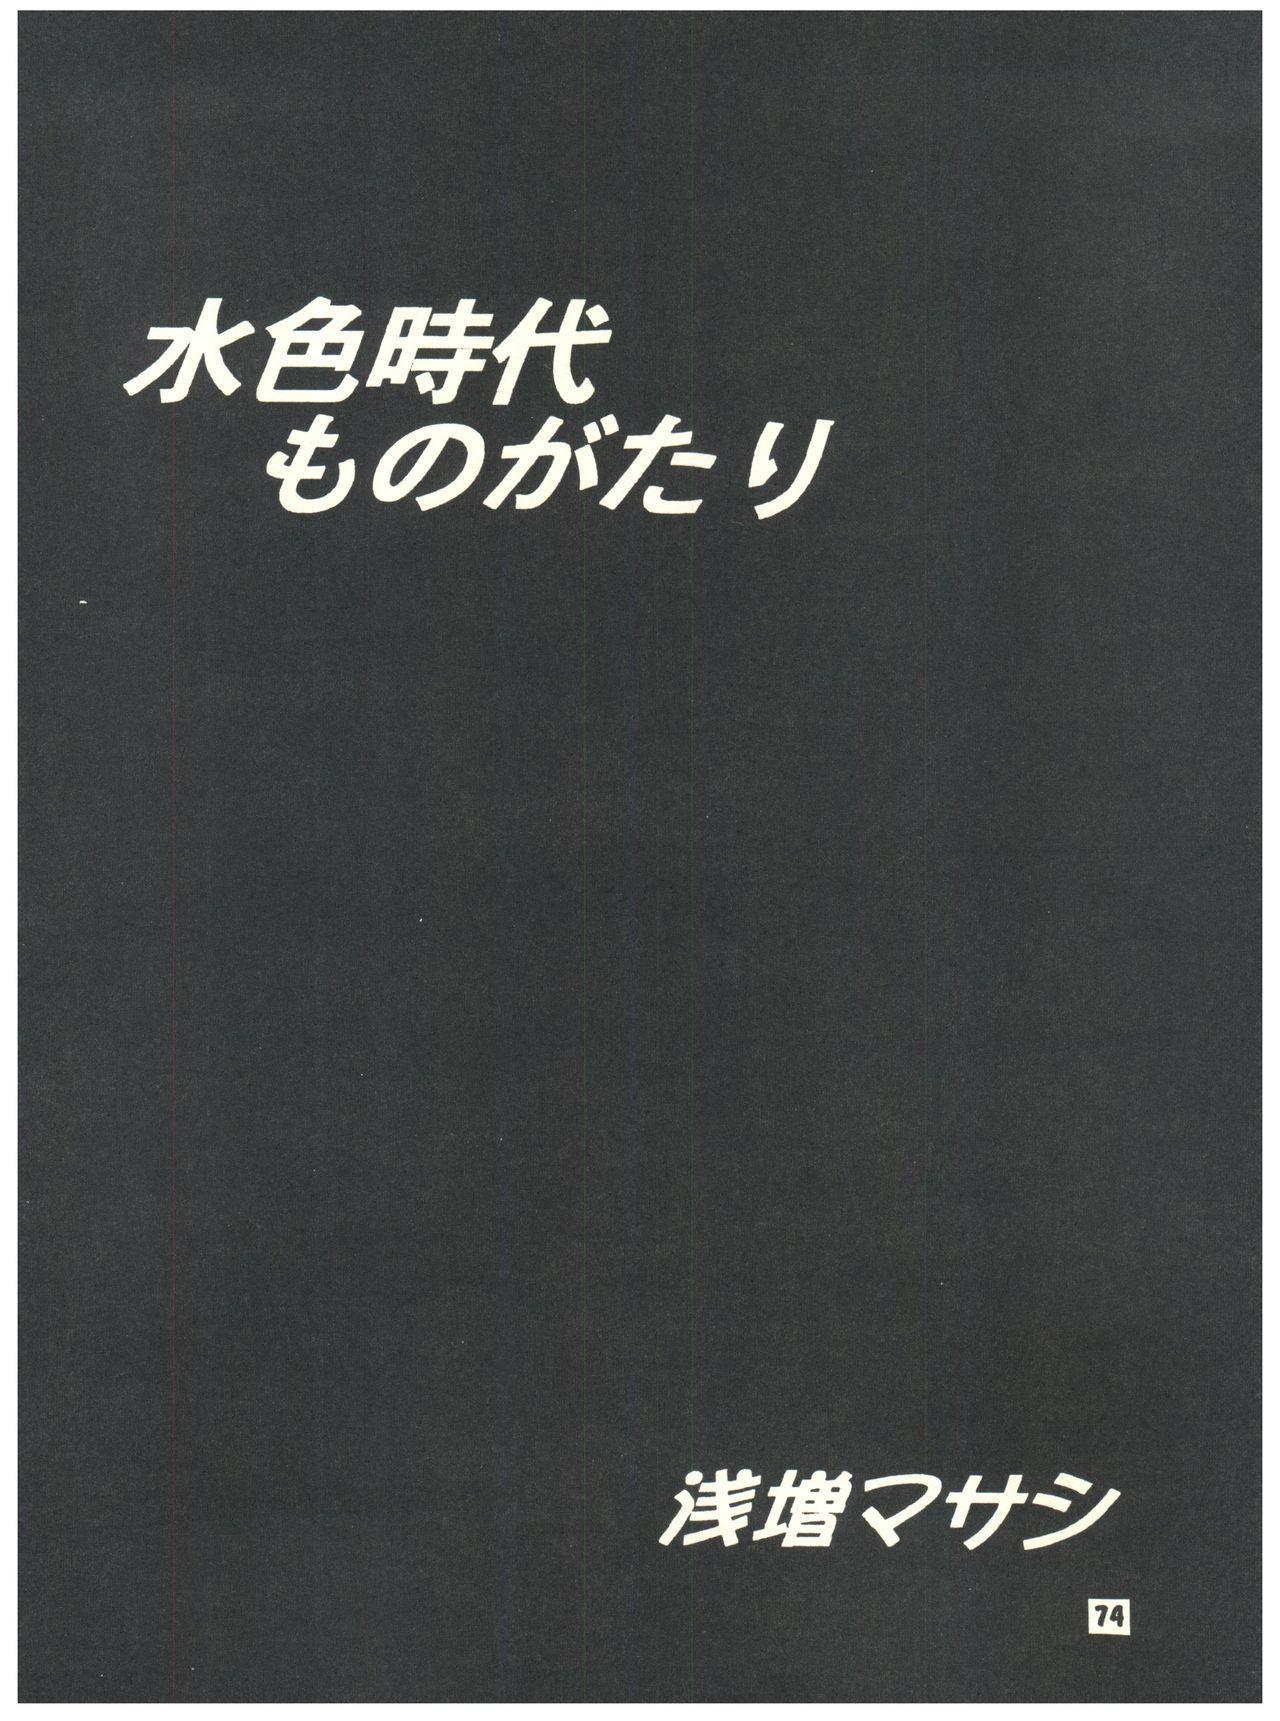 [Sairo Publishing (J. Sairo) En-Jack 2 (Various) 73